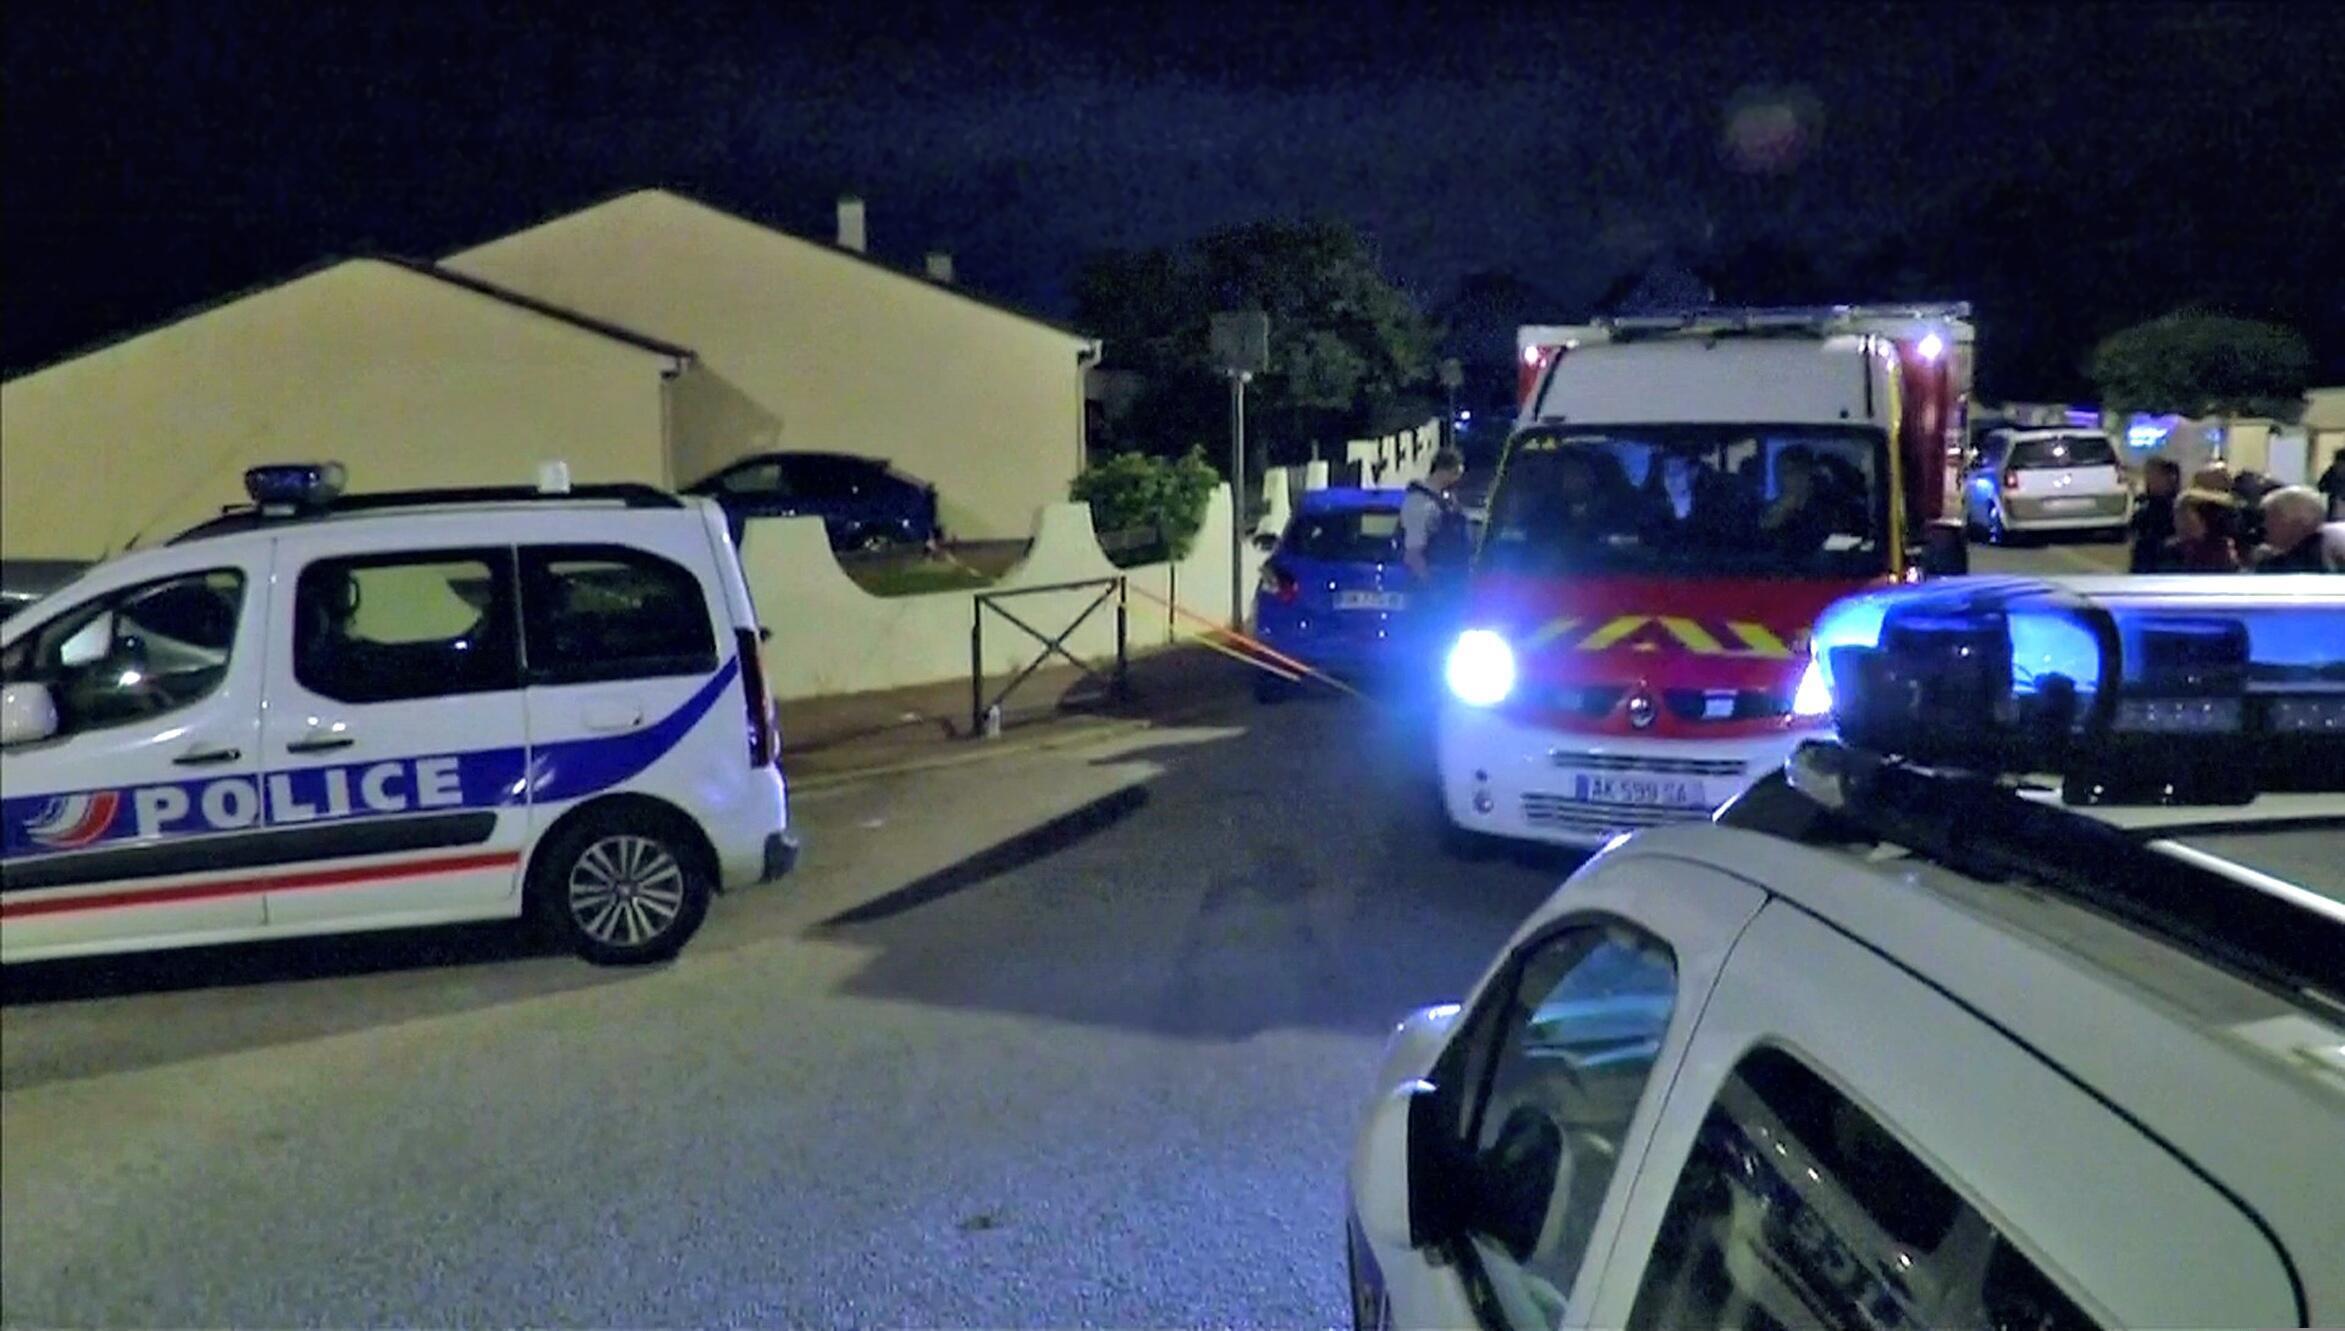 Local onde ocorreu o assassinato do policial francês nesta segunda-feira